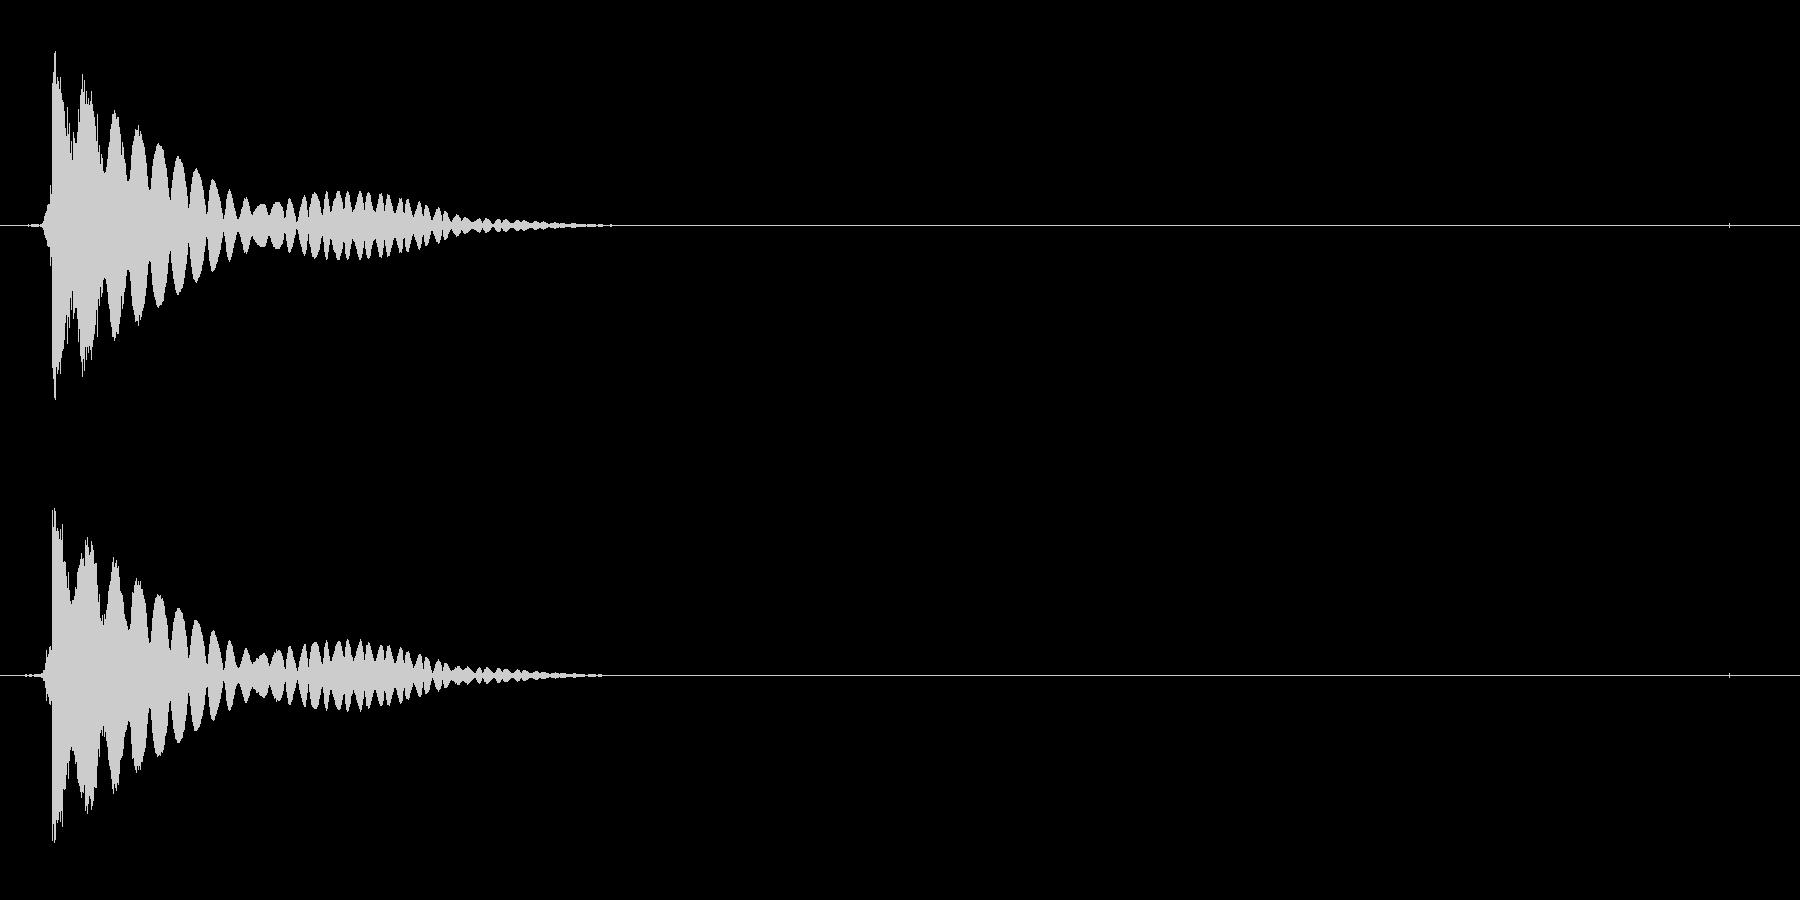 電子機器の起動音(ジュイーン)の未再生の波形